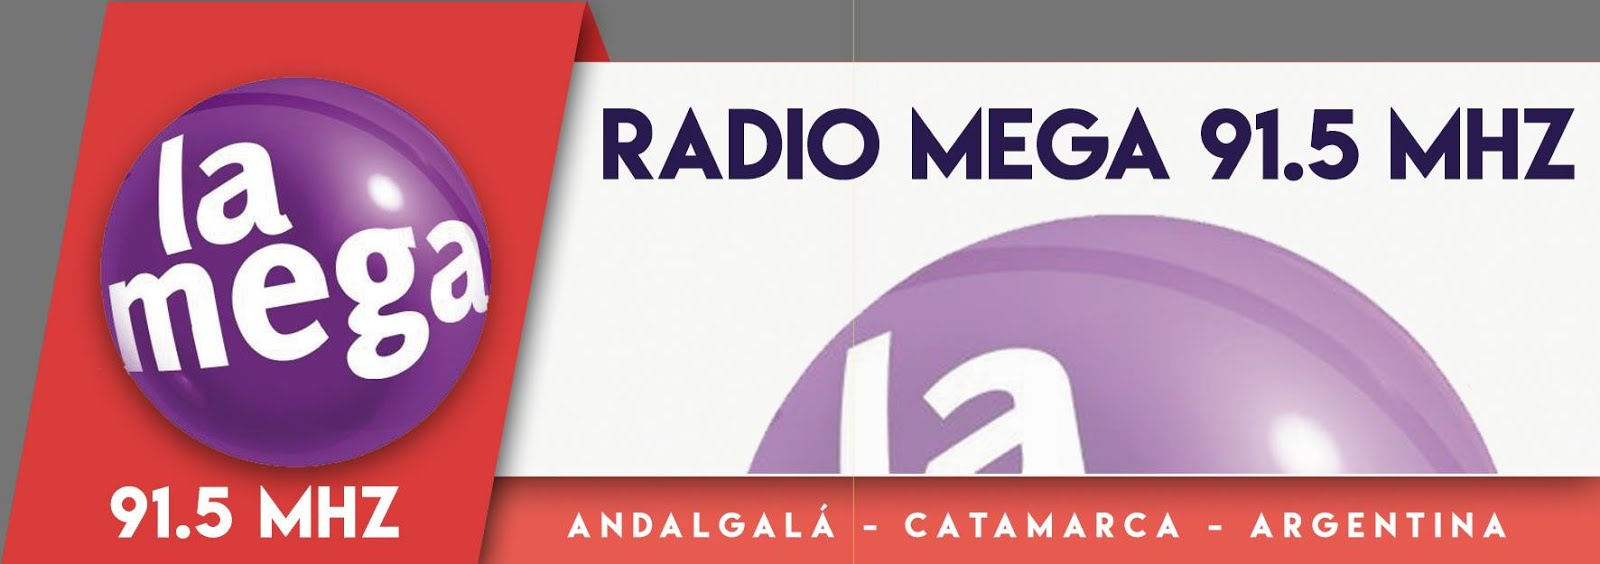 Radio Mega 91.5 MHz, Andalgalá, Catamarca, Argentina